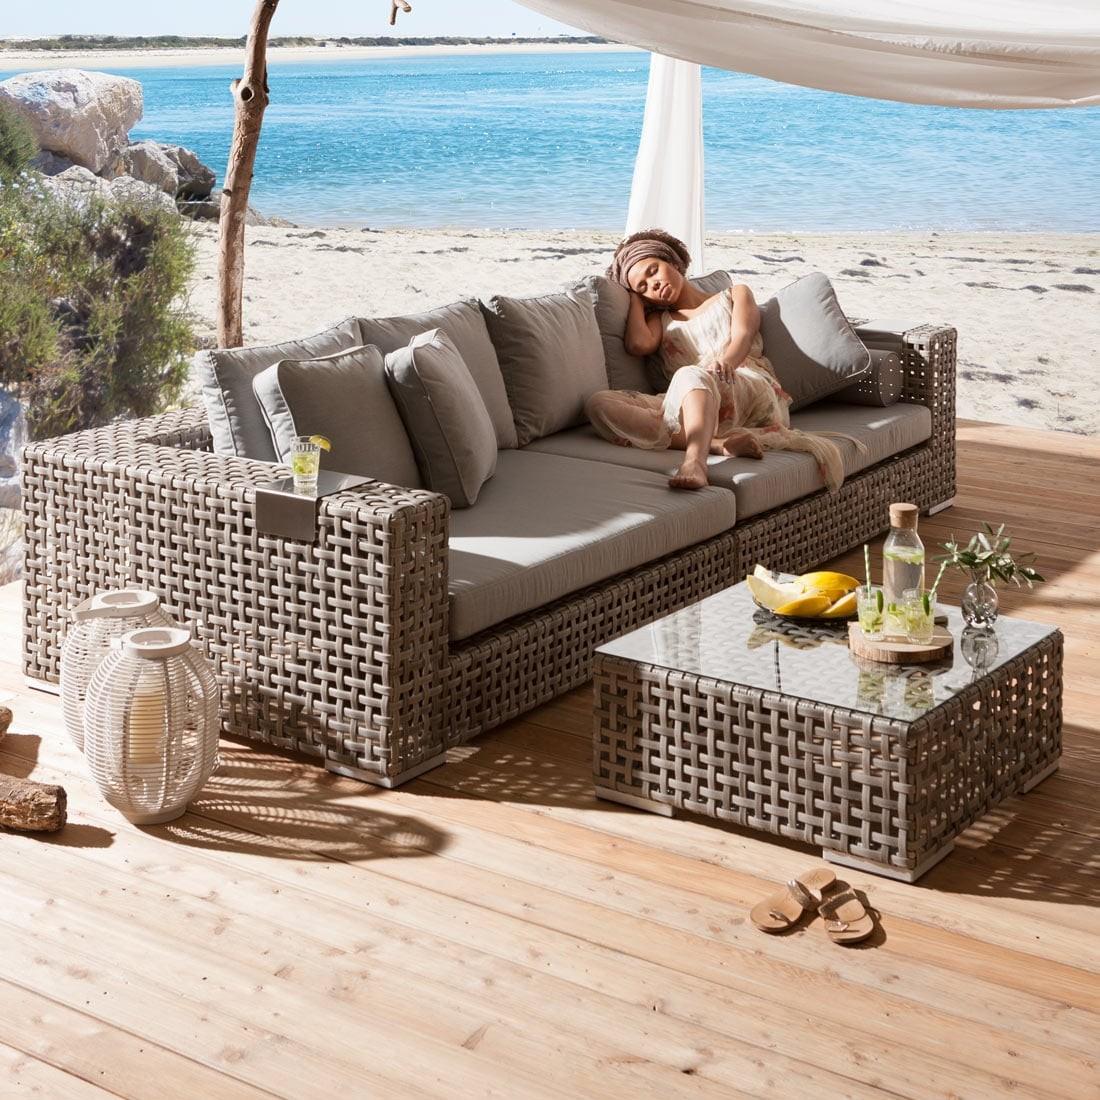 Full Size of Garten Loungemöbel Günstig Holz Wohnzimmer Outliv Loungemöbel